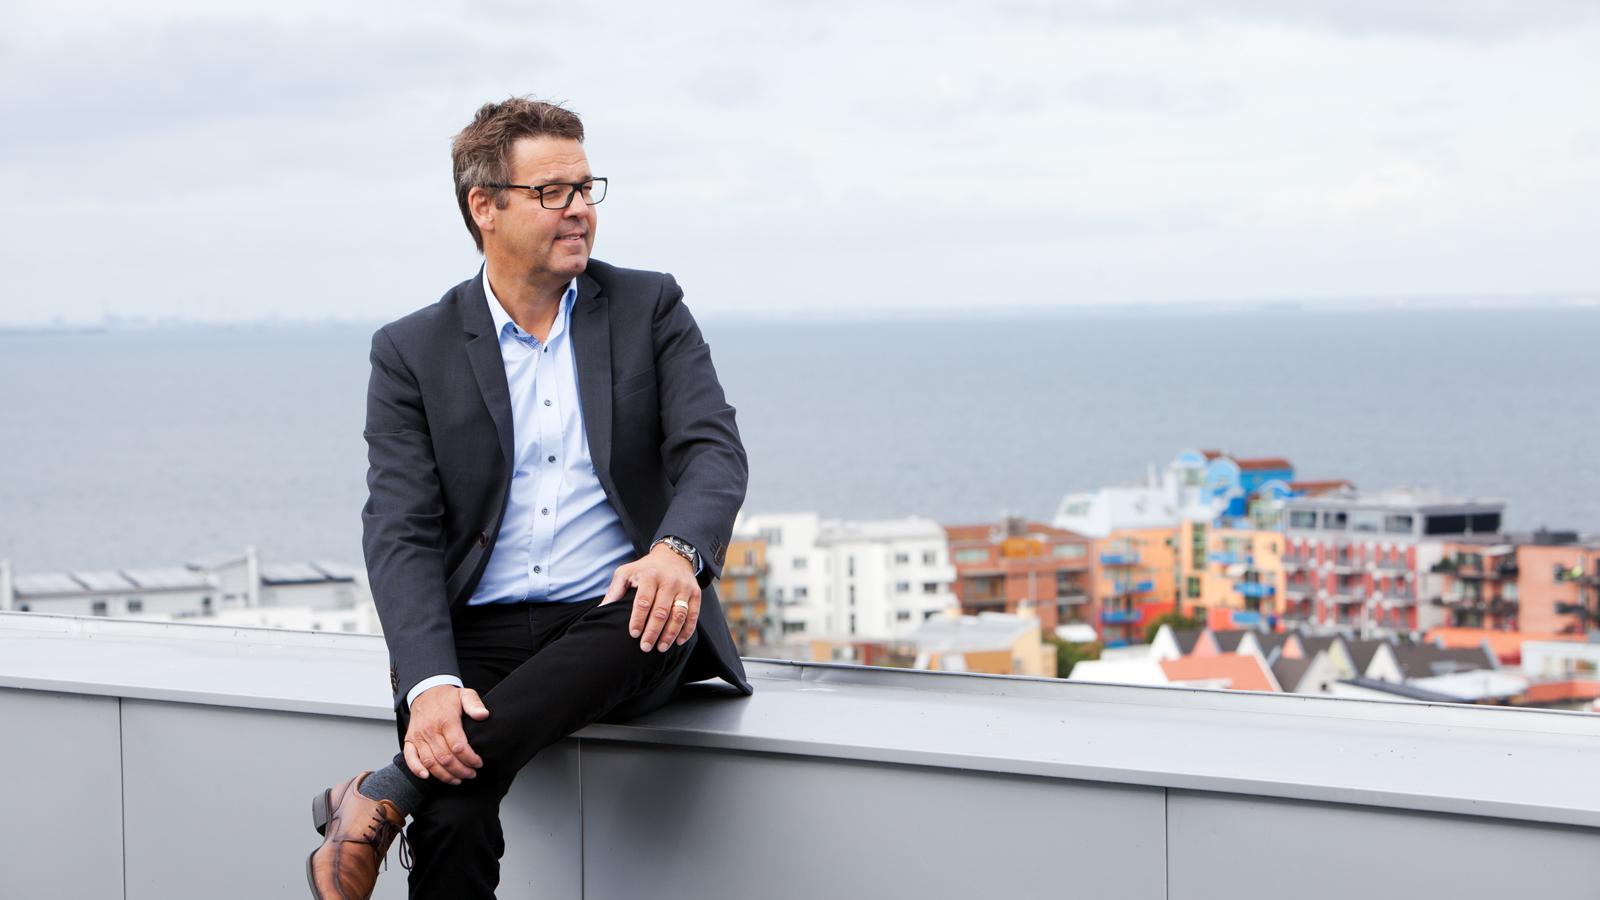 Från takterrassen på den egenproducerade kontorsfastigheten, med huvudkontoret, i Västra Hamnen i Malmö har Magnus Skiöld en magnifik utsikt över området. Det är också här företaget lade grunden för en stor del av sin fastighetsutvecklingsverksamhet på mark inköpt strax före millennieskiftet.